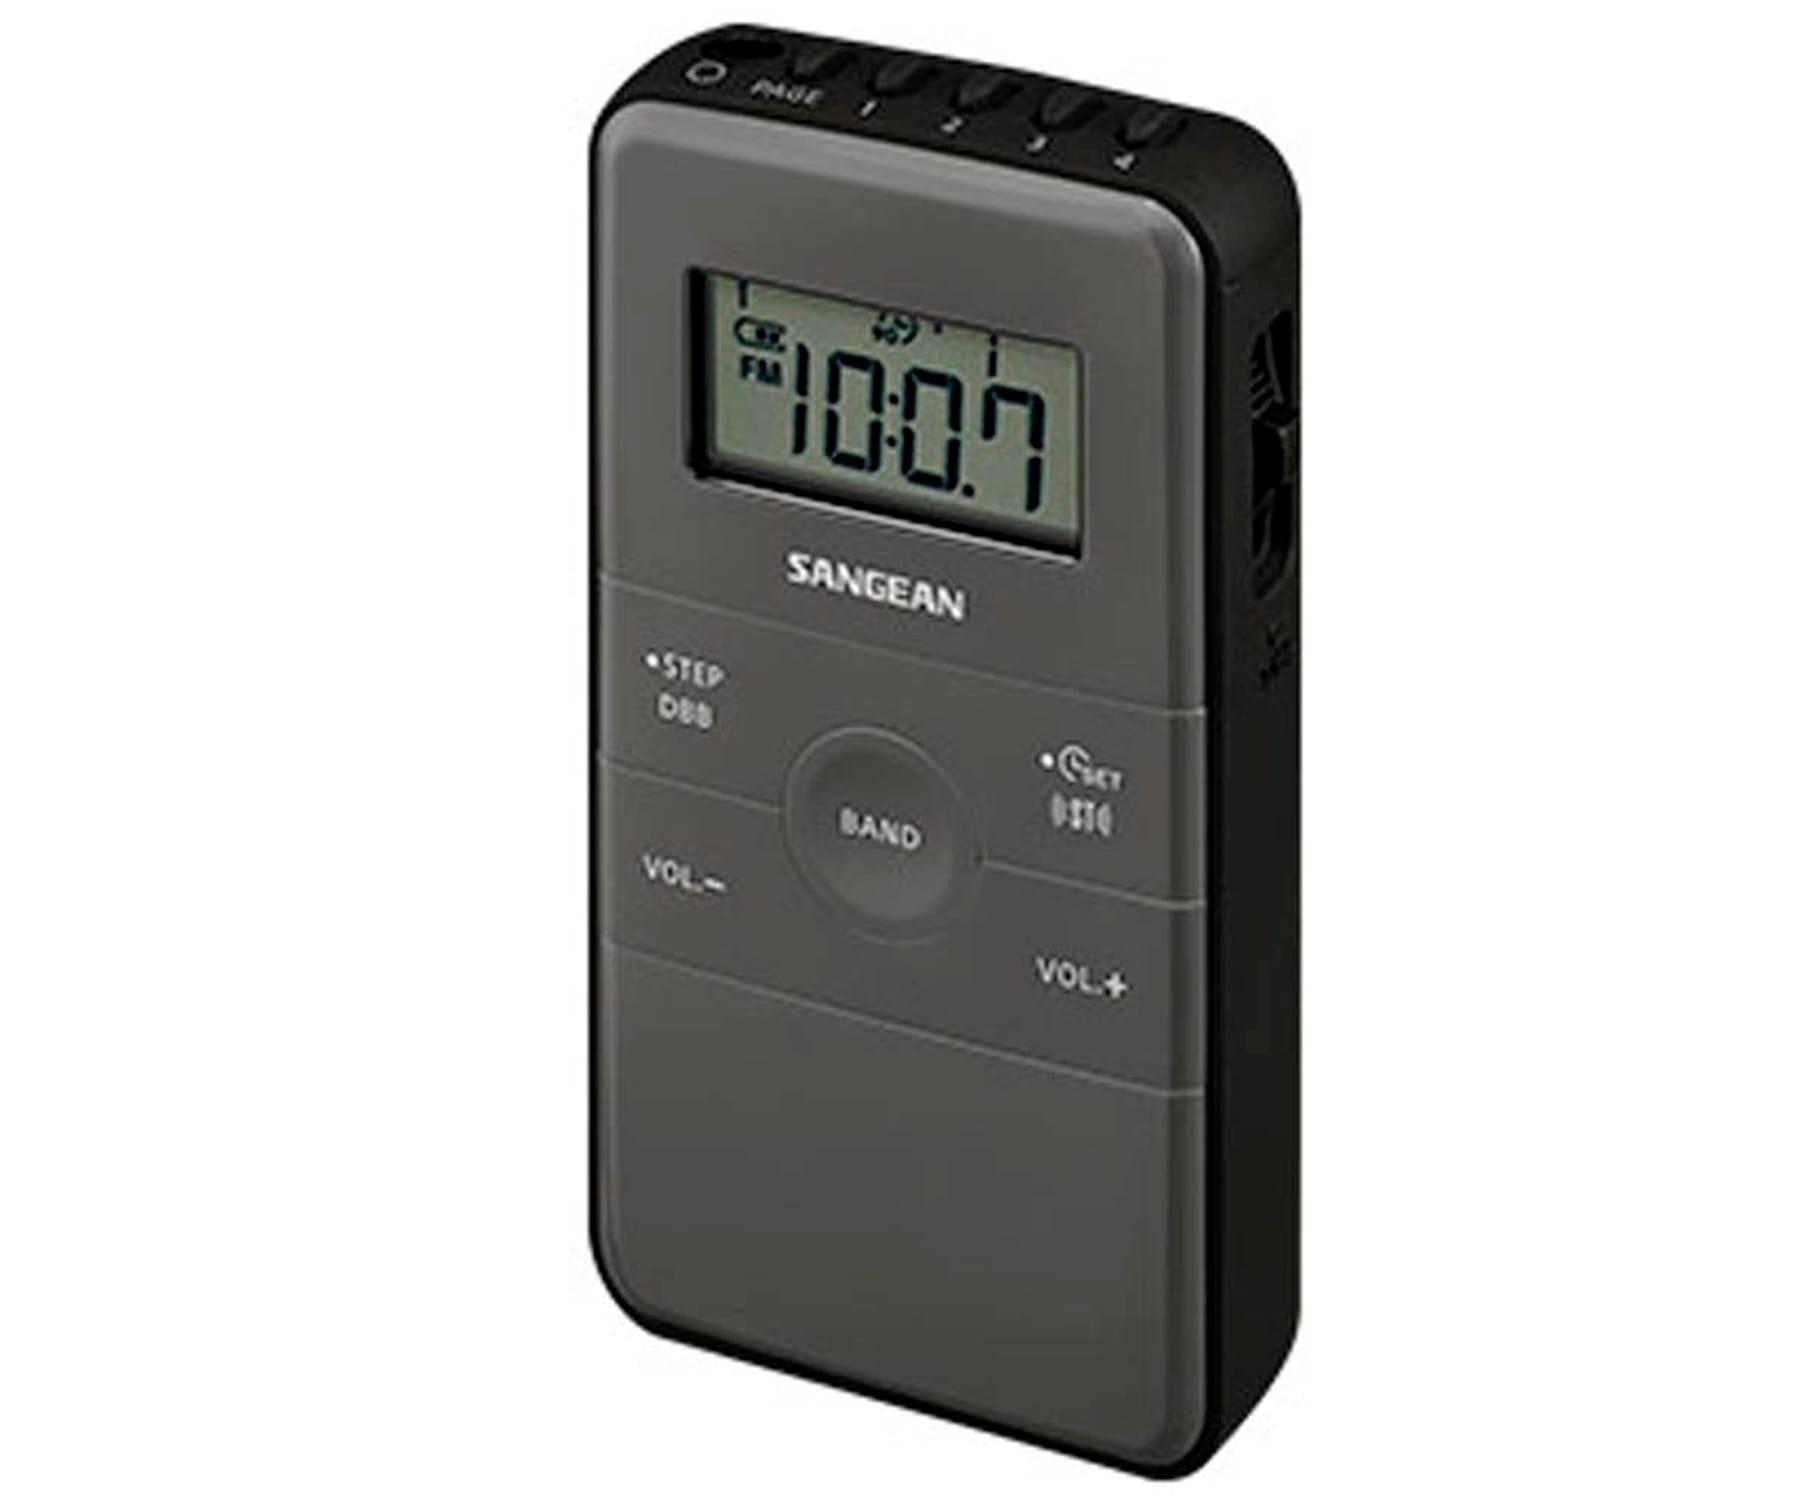 SANGEAN DT-140 NEGRO RADIO DE BOLSILLO FM AM BATERÍA RECARGABLE